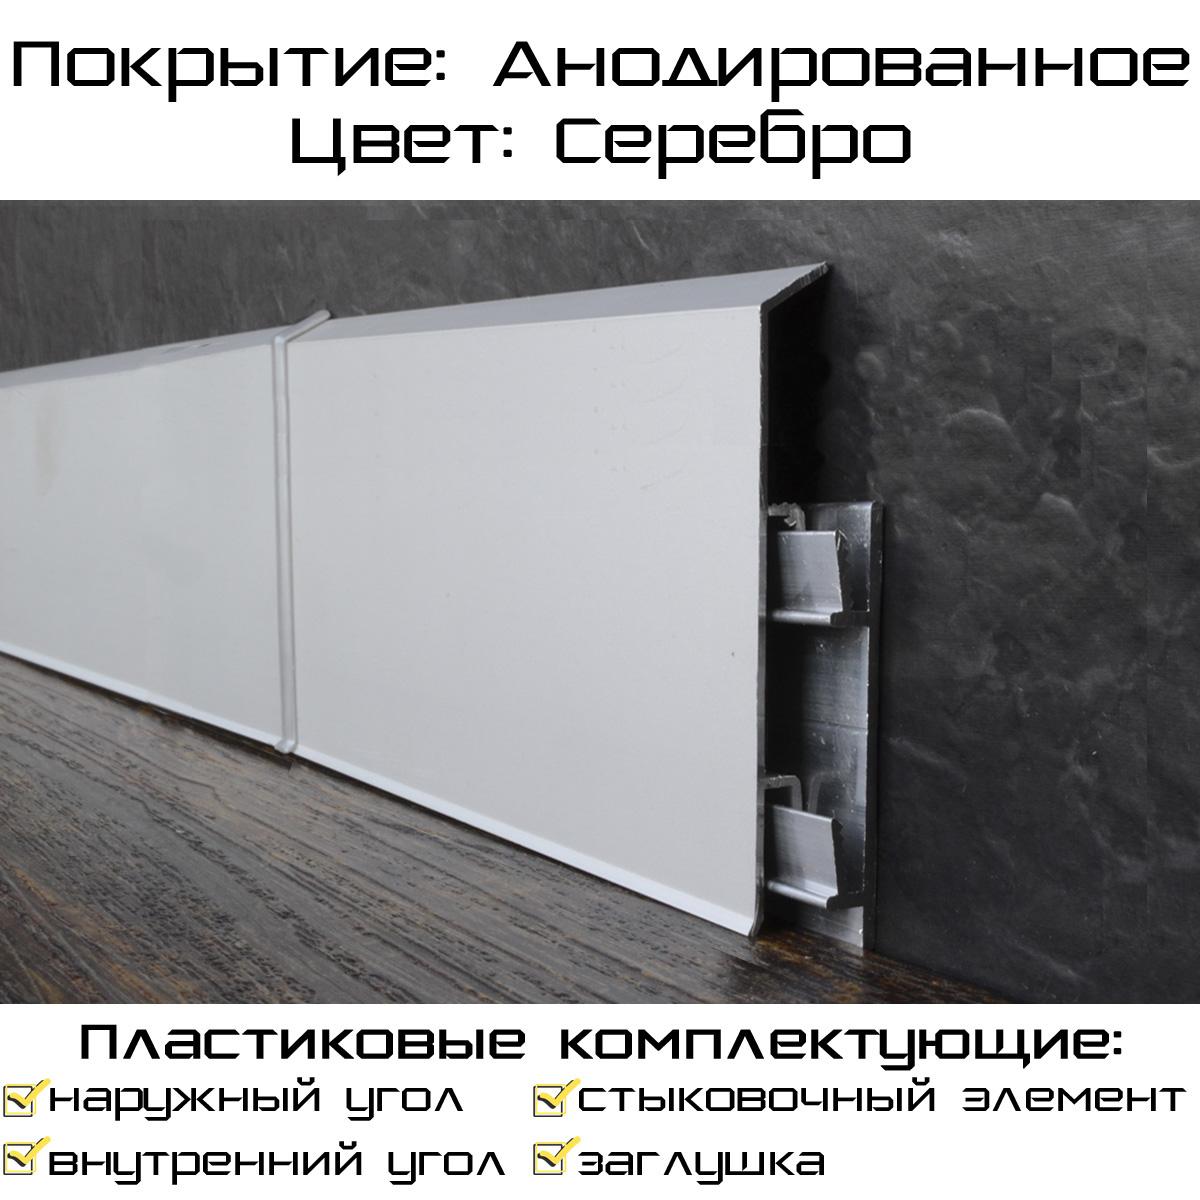 https://www.e-t1.ru/images/upload/100_clips.jpg